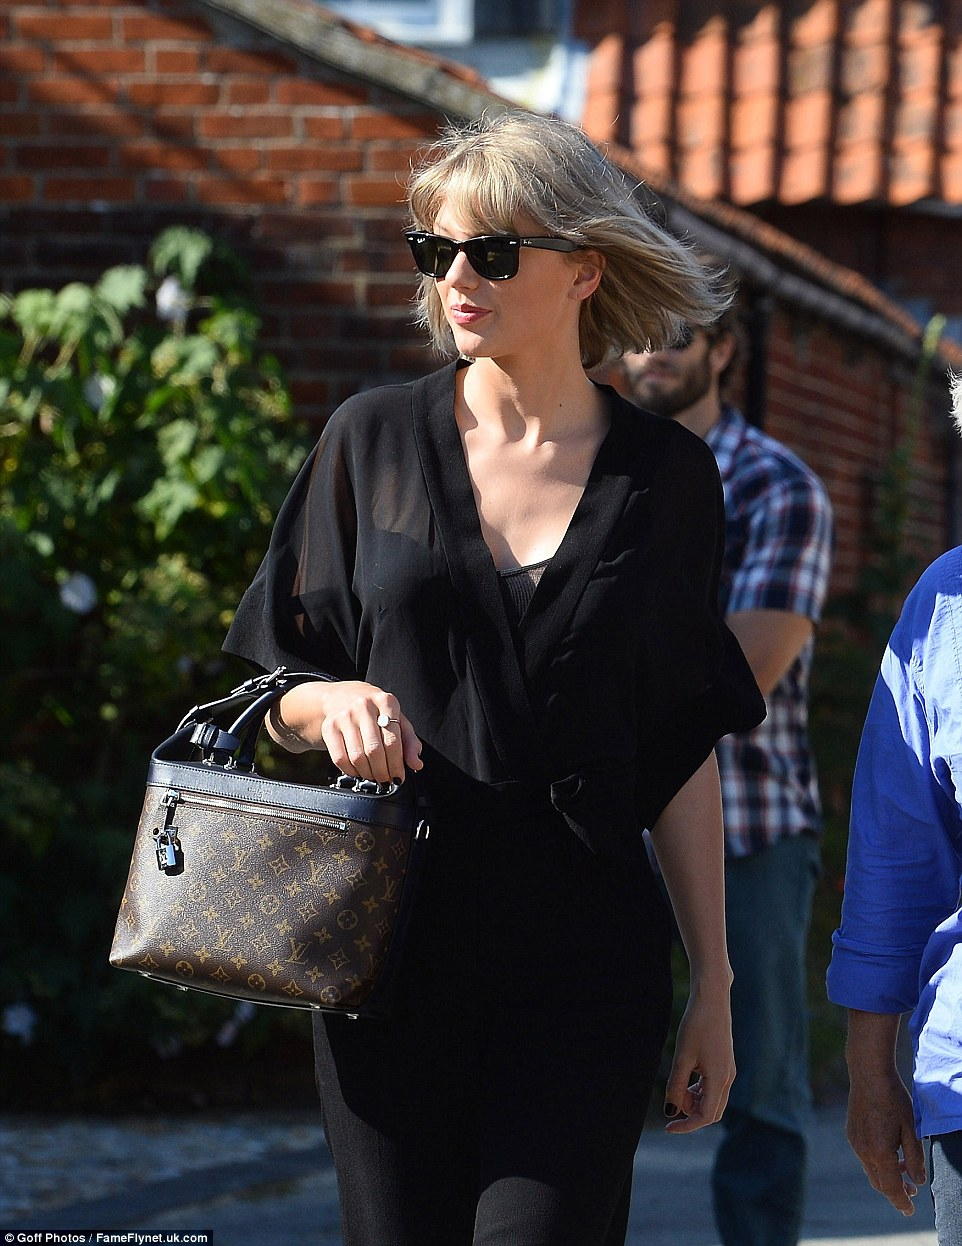 Taylor-Swift-Tom-Hiddlestonın-Annesiyle-Tanıştı-5